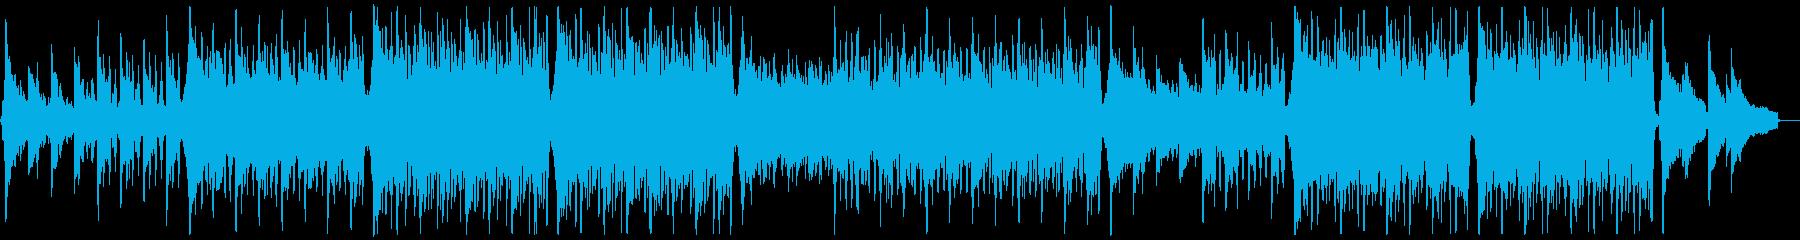 明るく前向きなトロピカルハウスメロディ抜の再生済みの波形